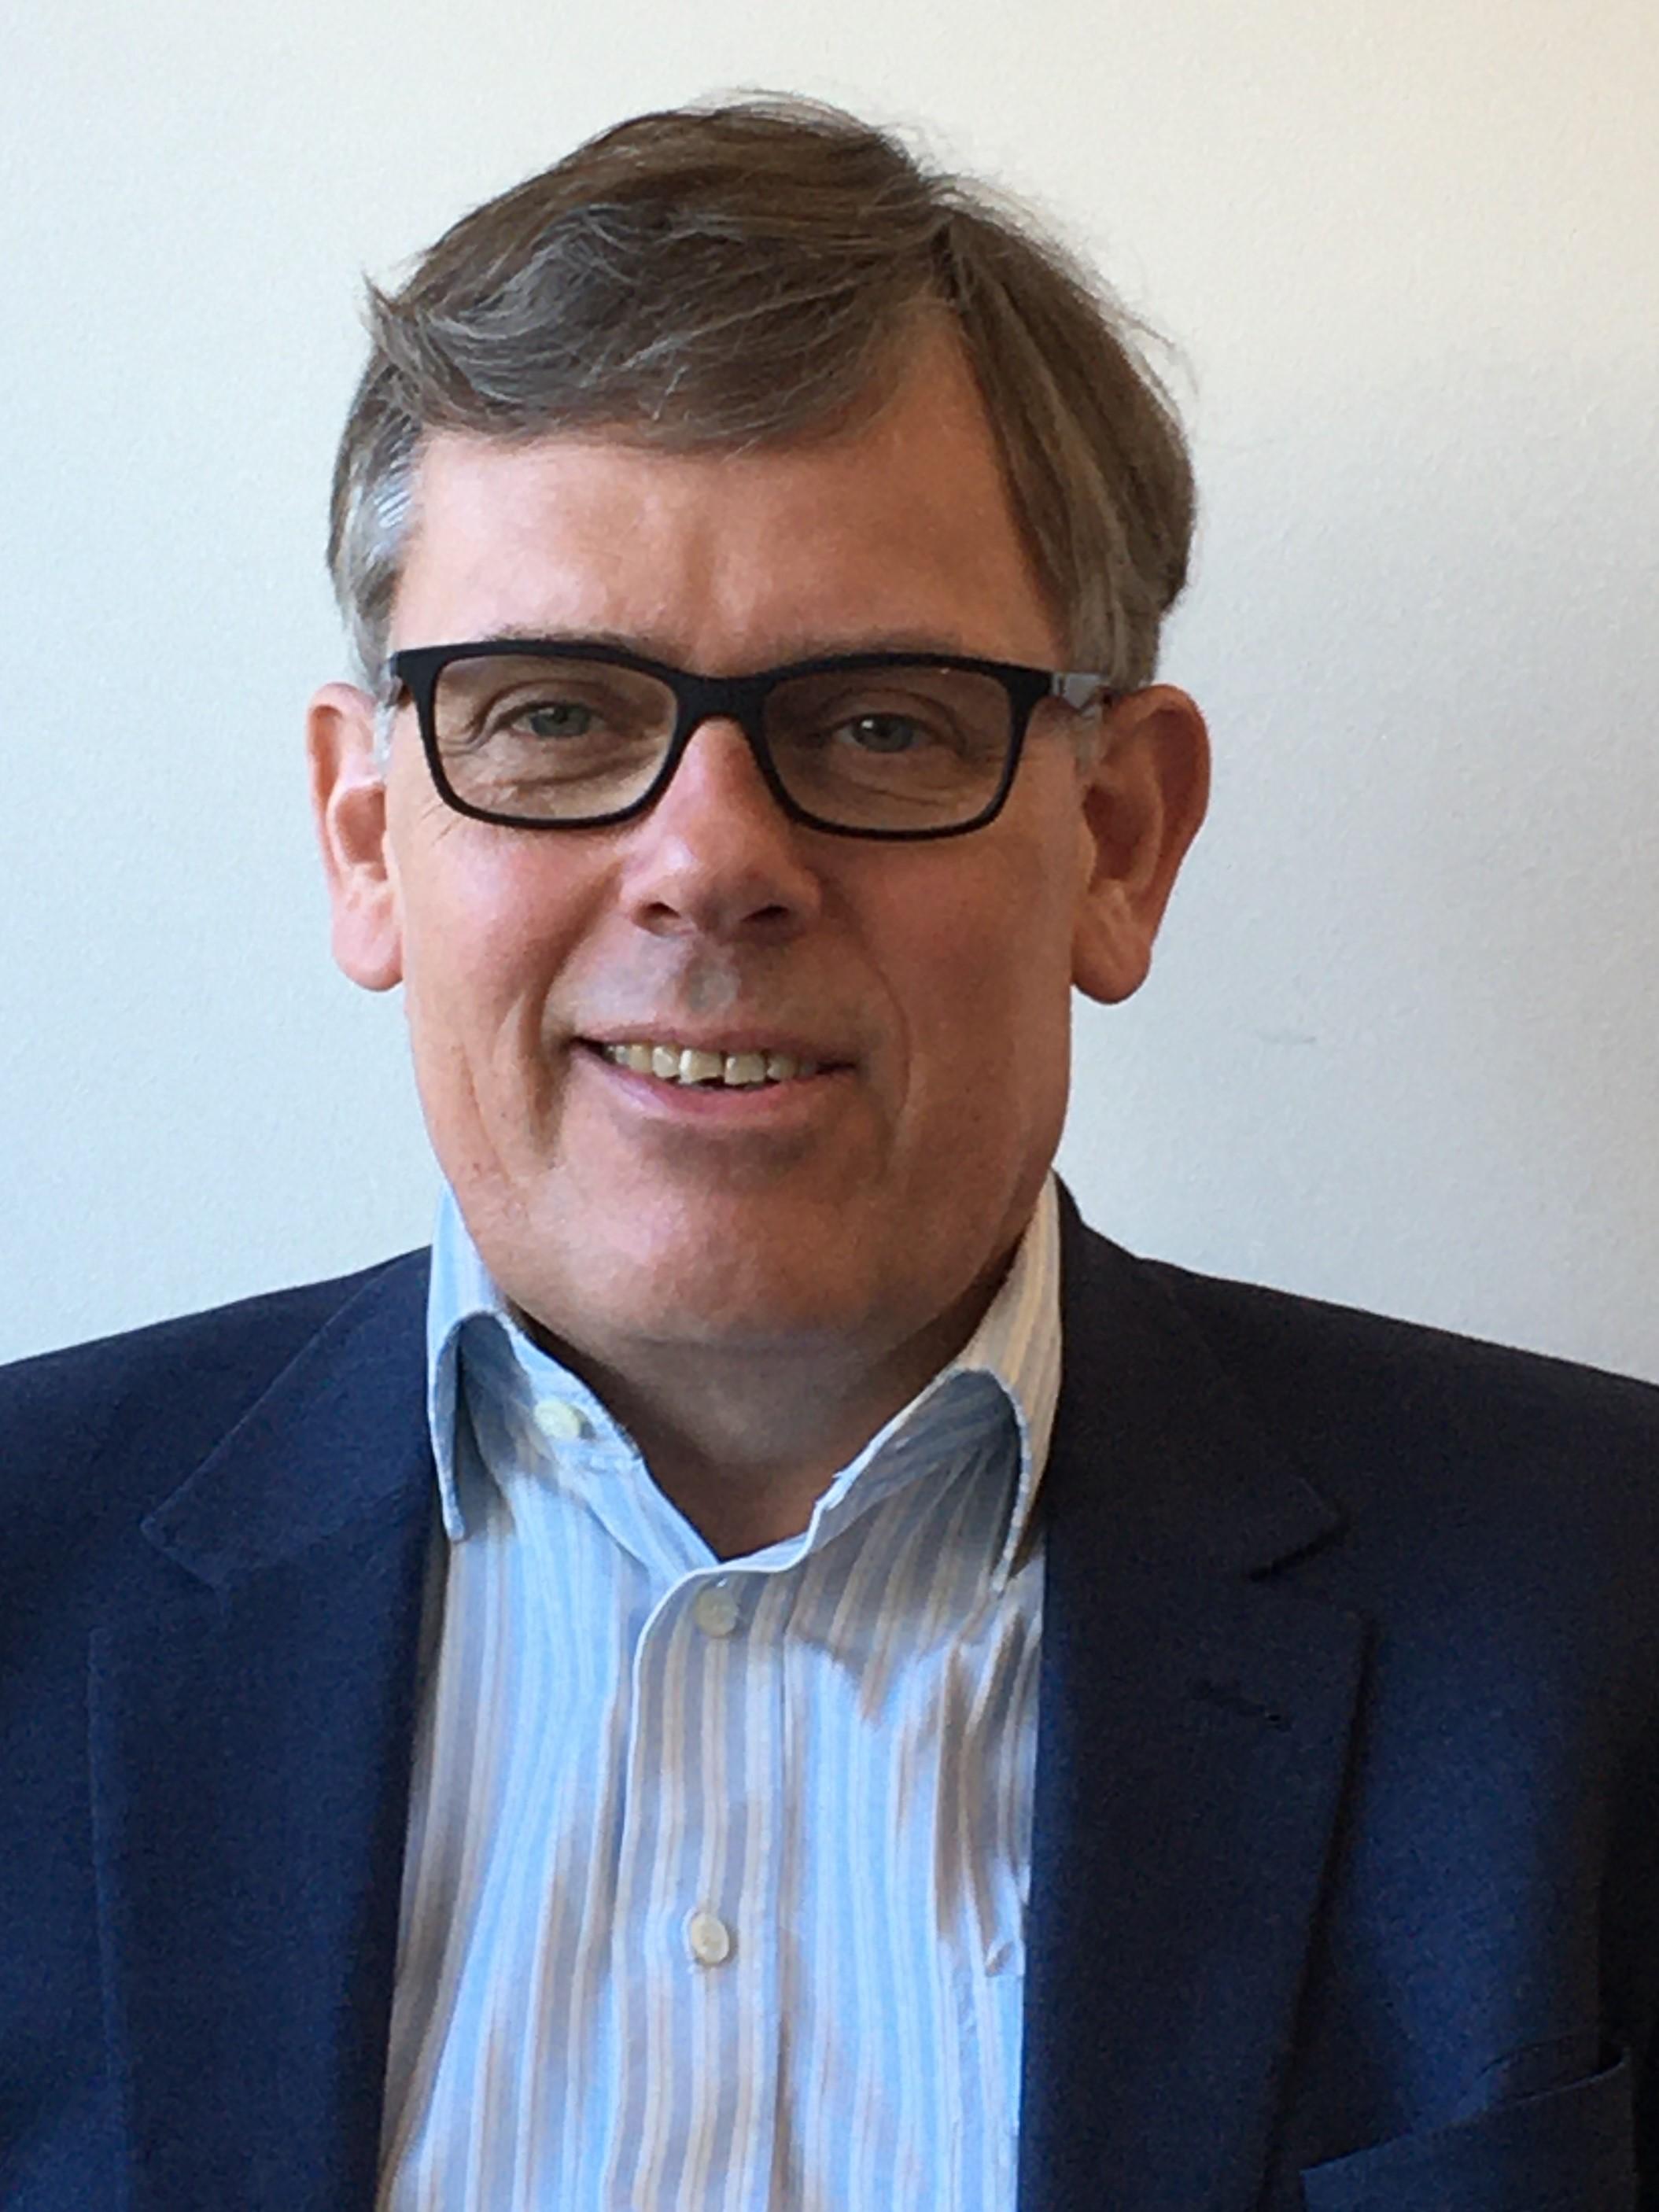 Jørgen Skibsted